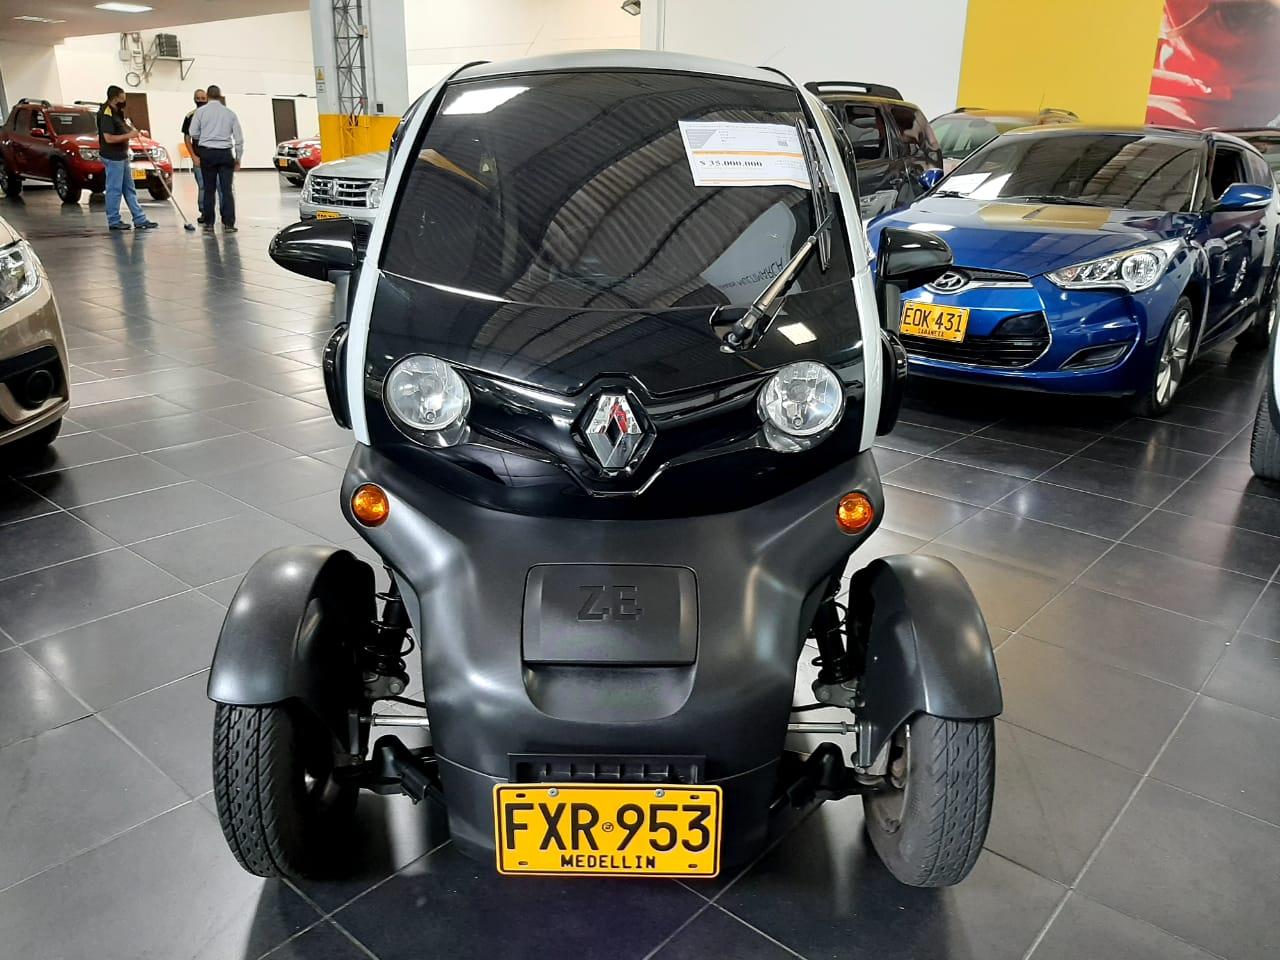 Renault-Twizy-Urban-01453201-1